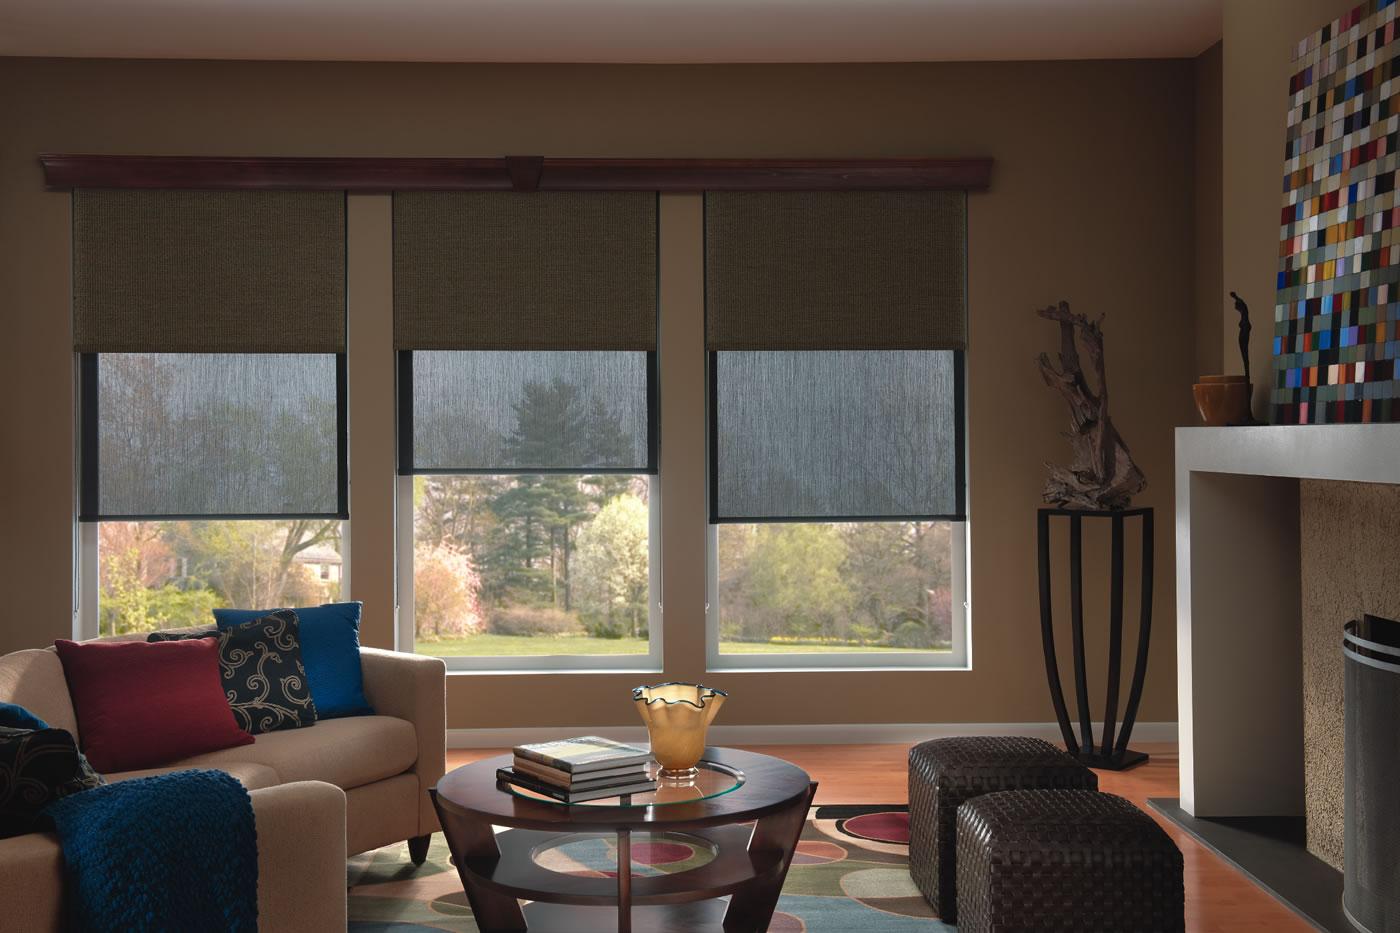 to shades blinds roller en rollershade go livingroom custom and made blindstogo highlands